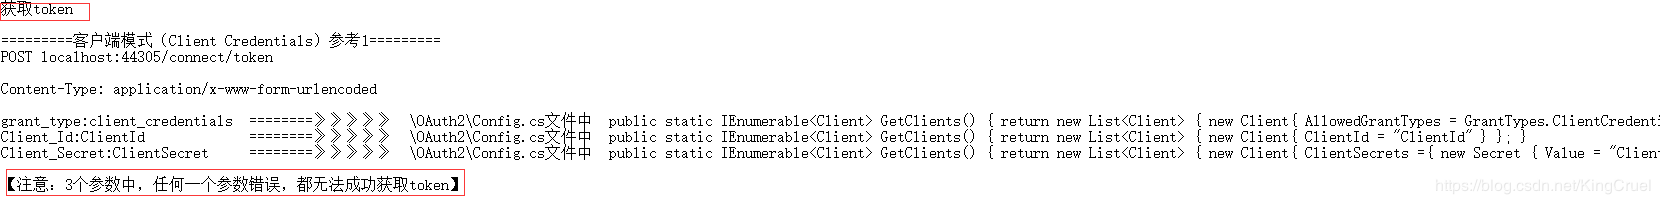 NET Core OAuth IdentityServer4 Token - Programmer Sought